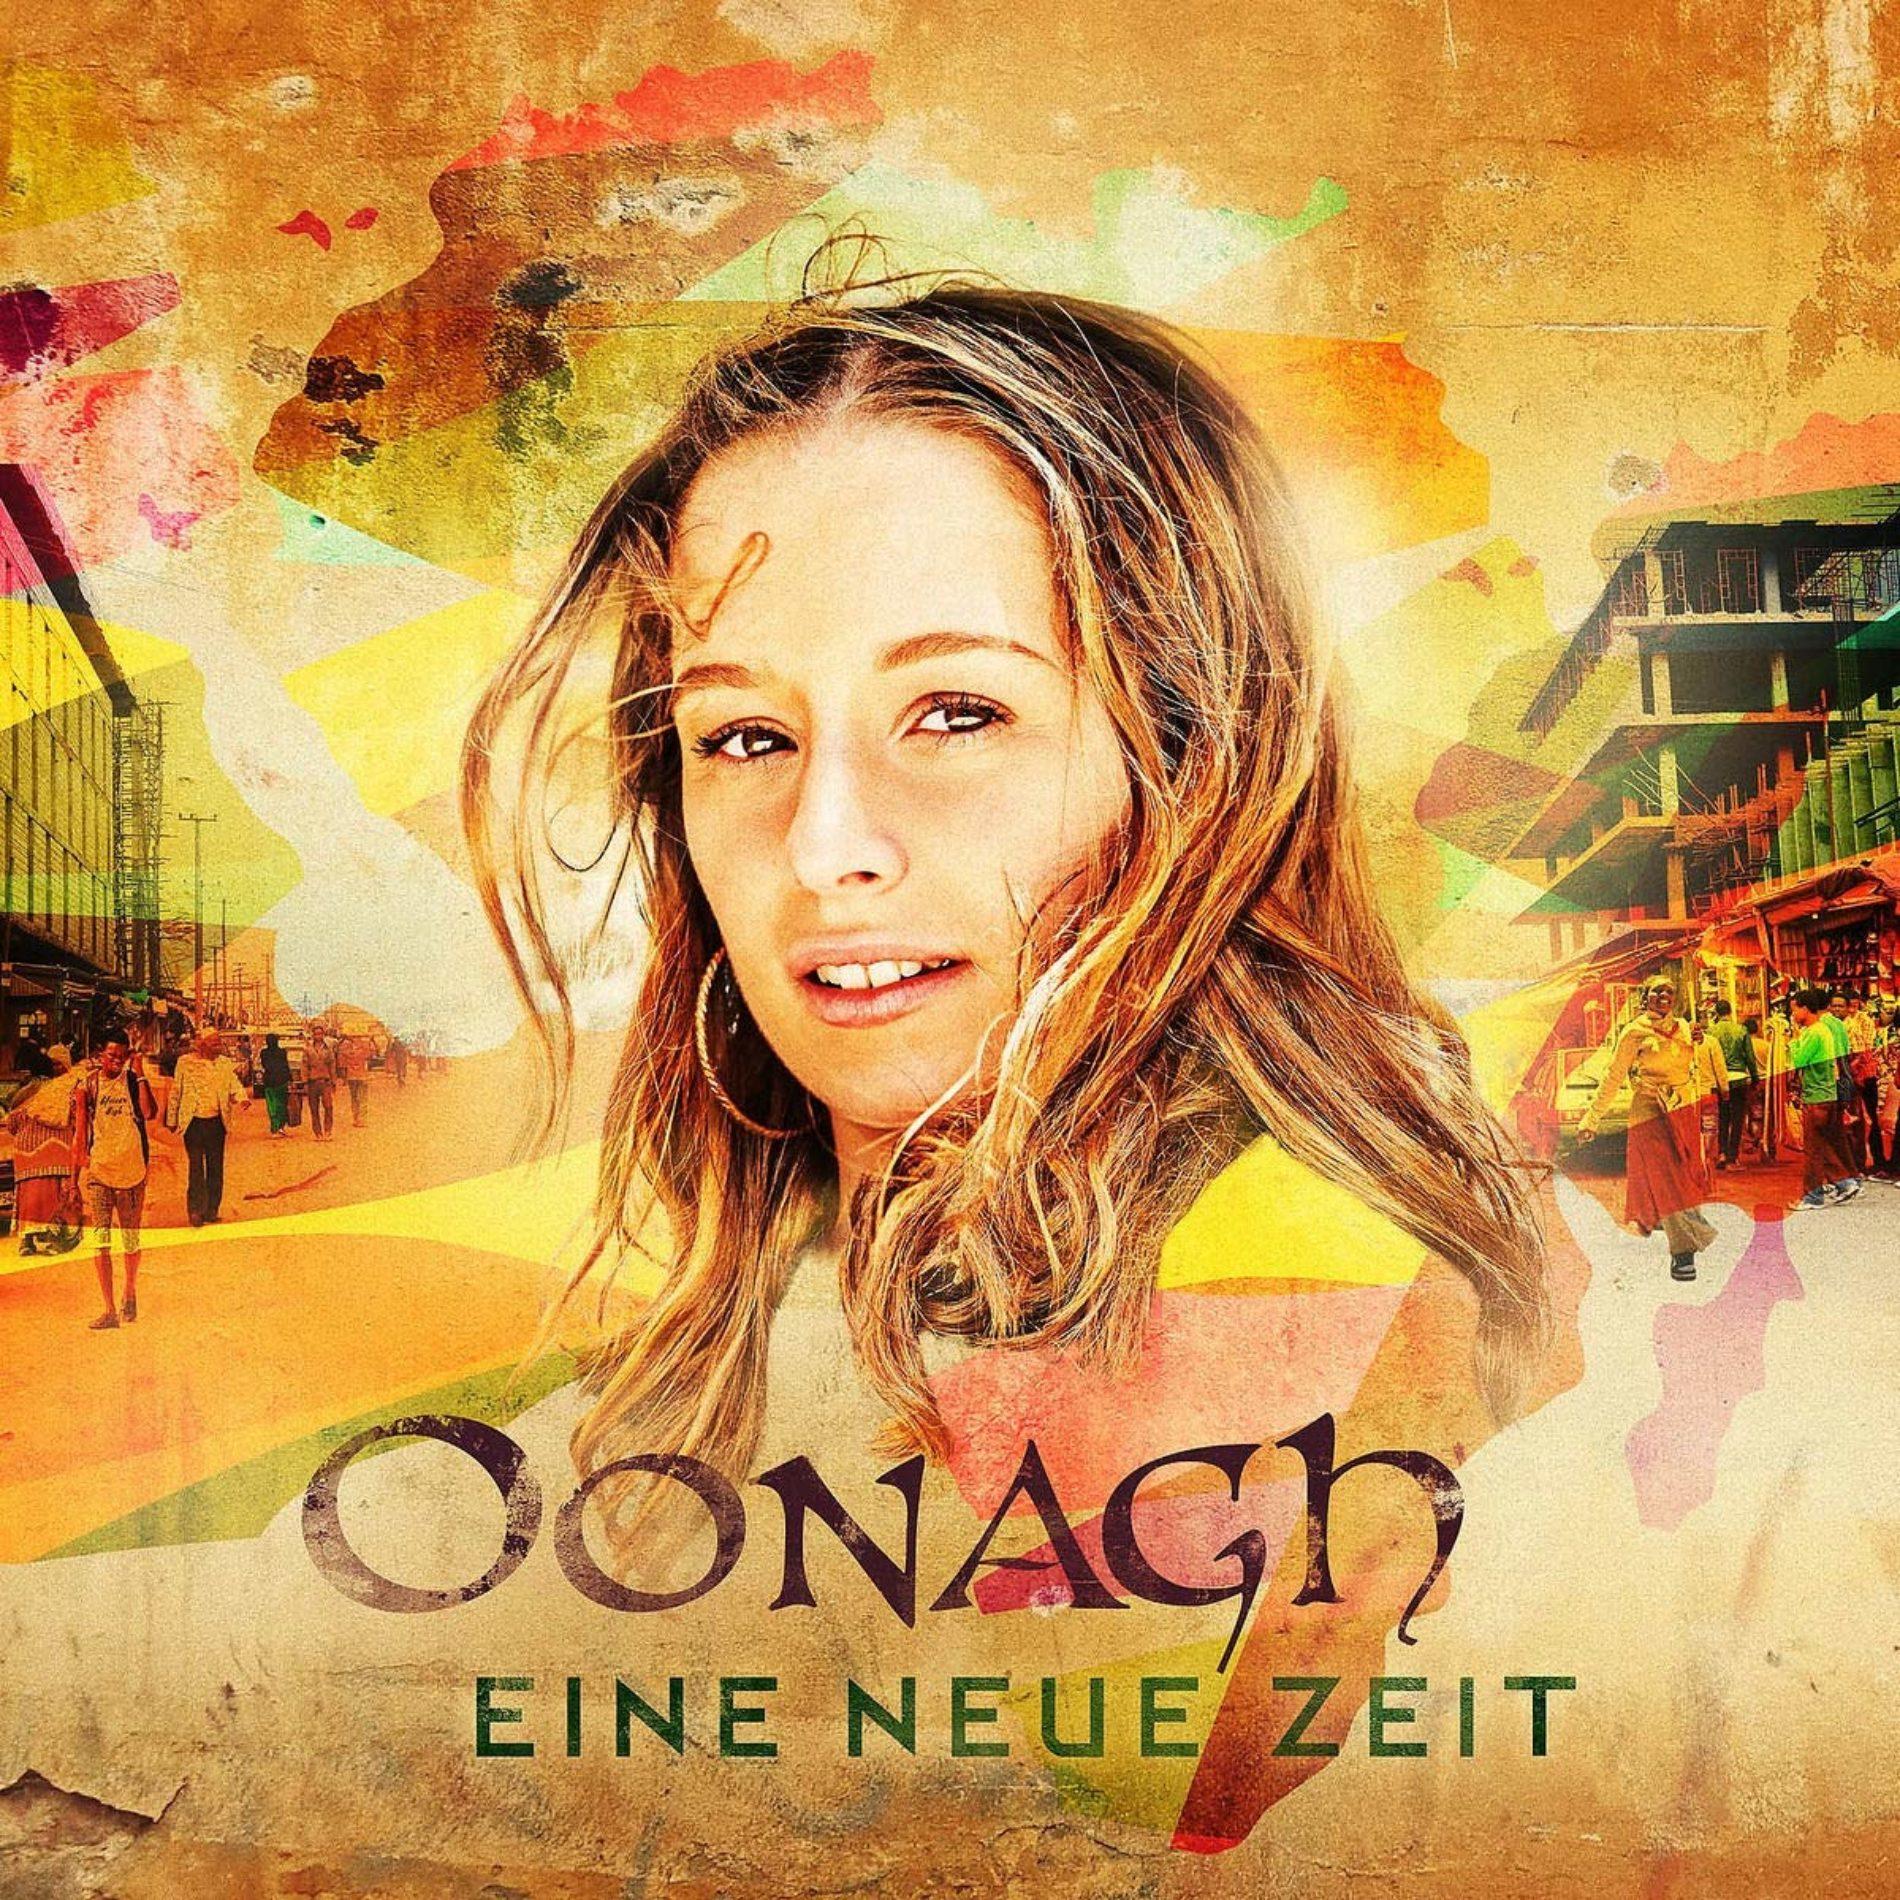 Oonagh 2020 wieder auf Tour!